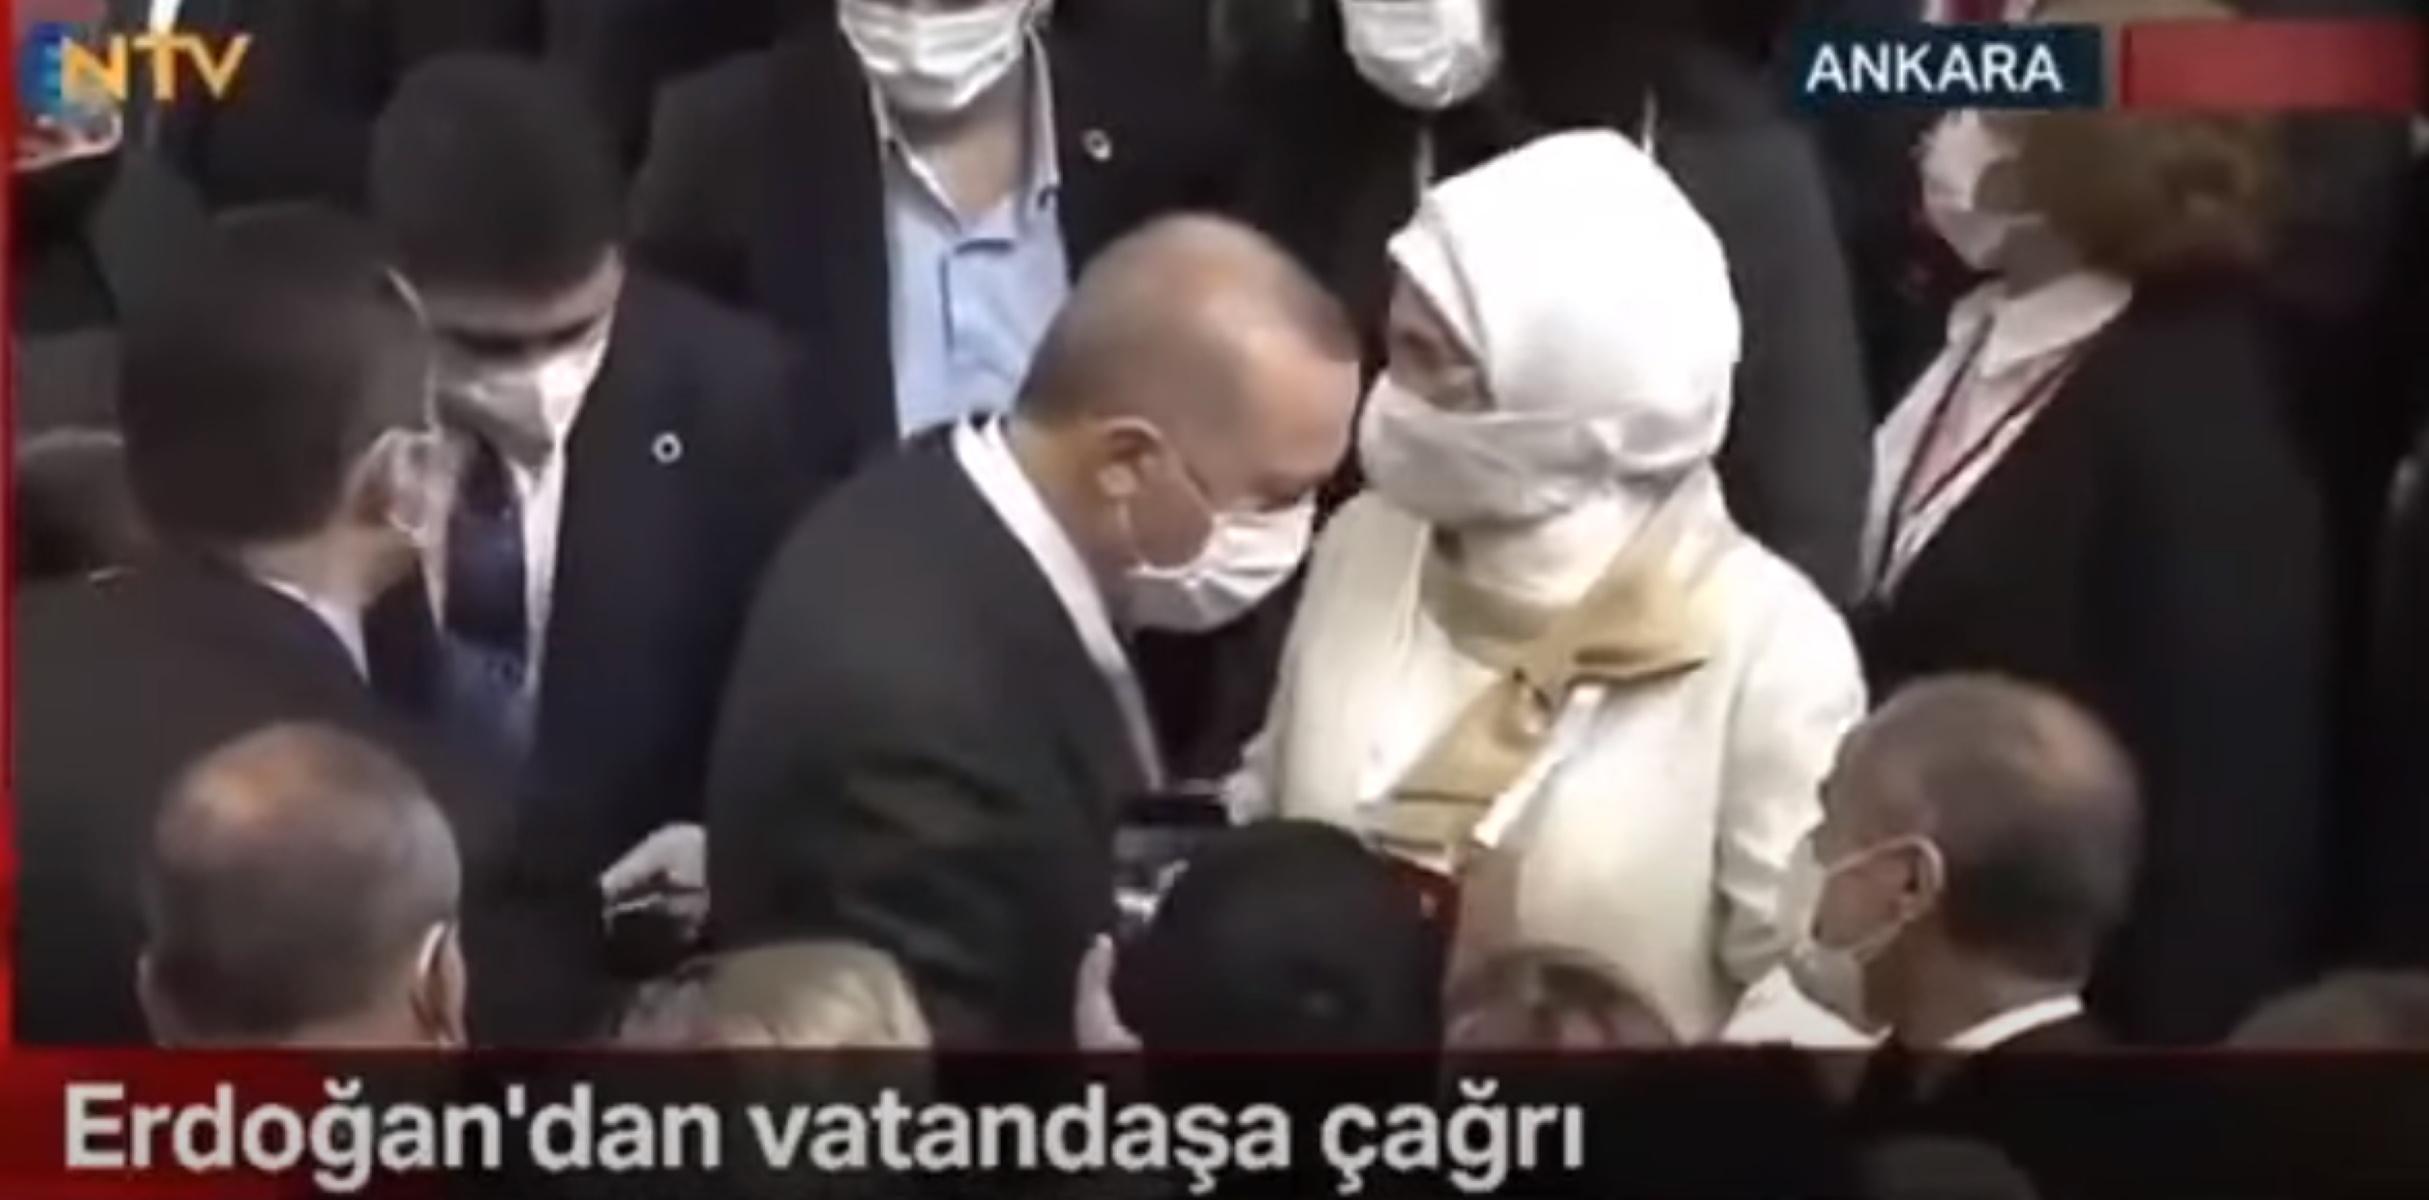 Έξαλλη η σύζυγος του Ερντογάν – Η παρέμβαση της στους σωματοφύλακες του προέδρου (video)